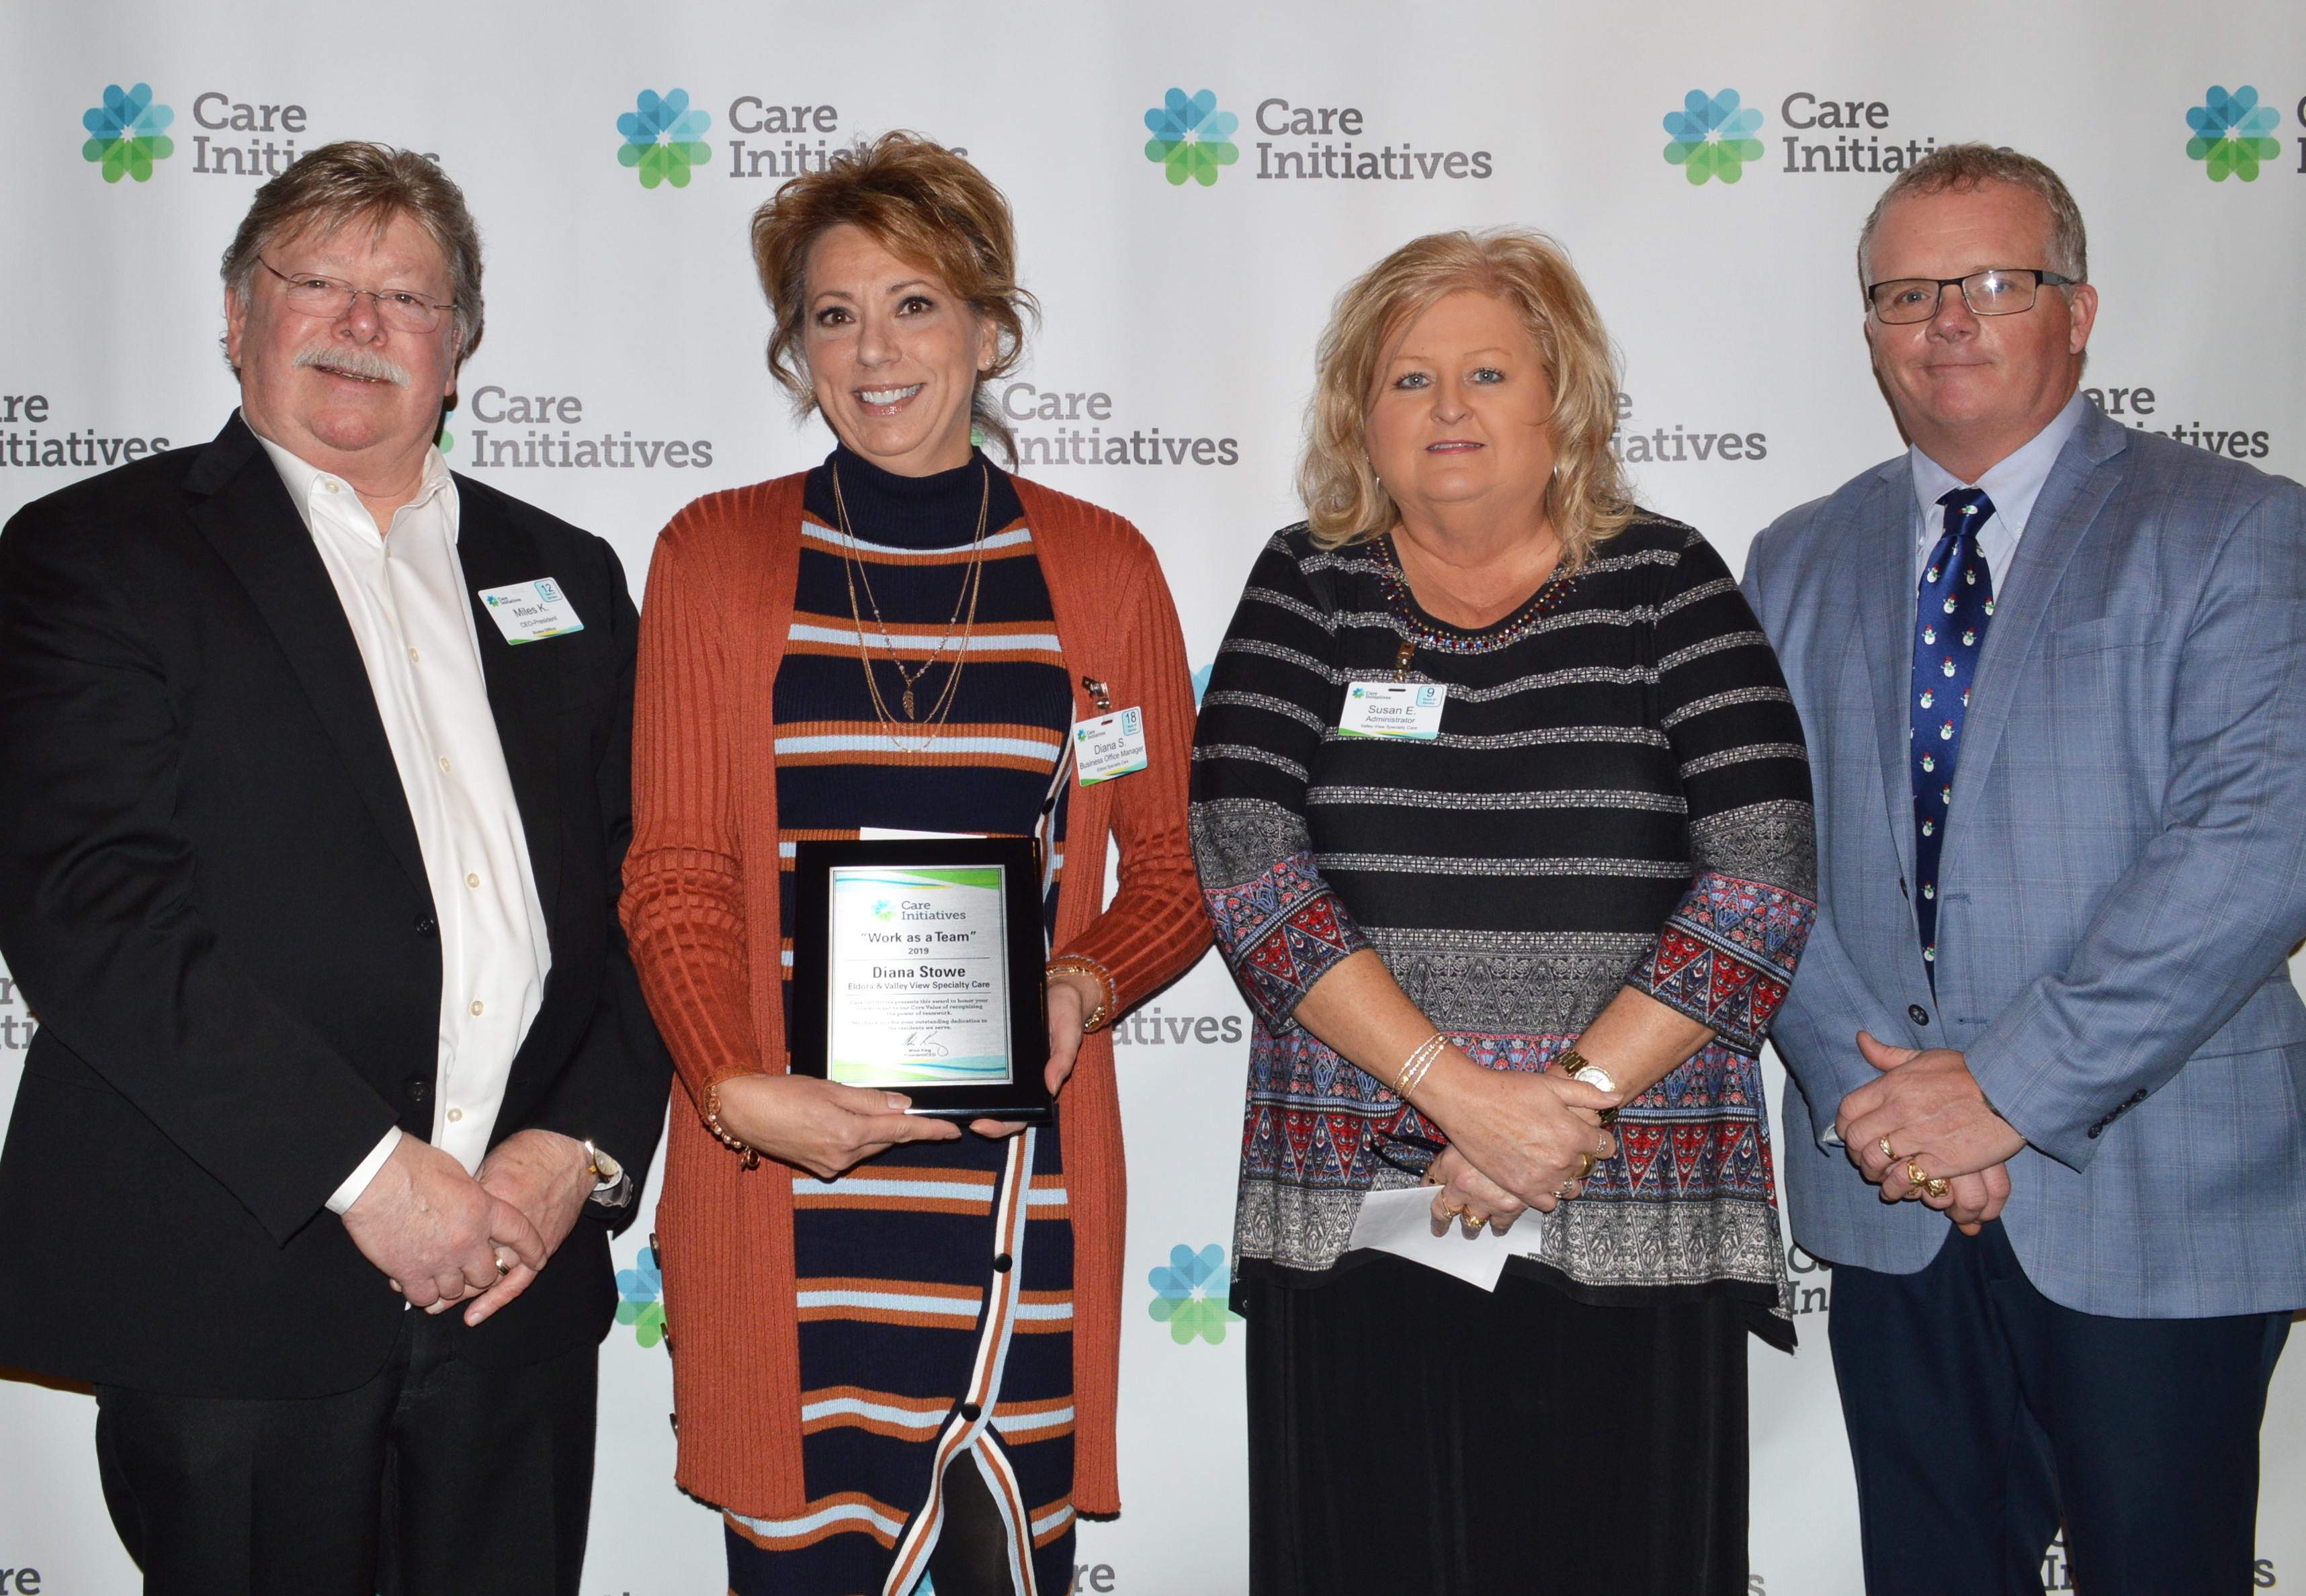 Diana Stowe award